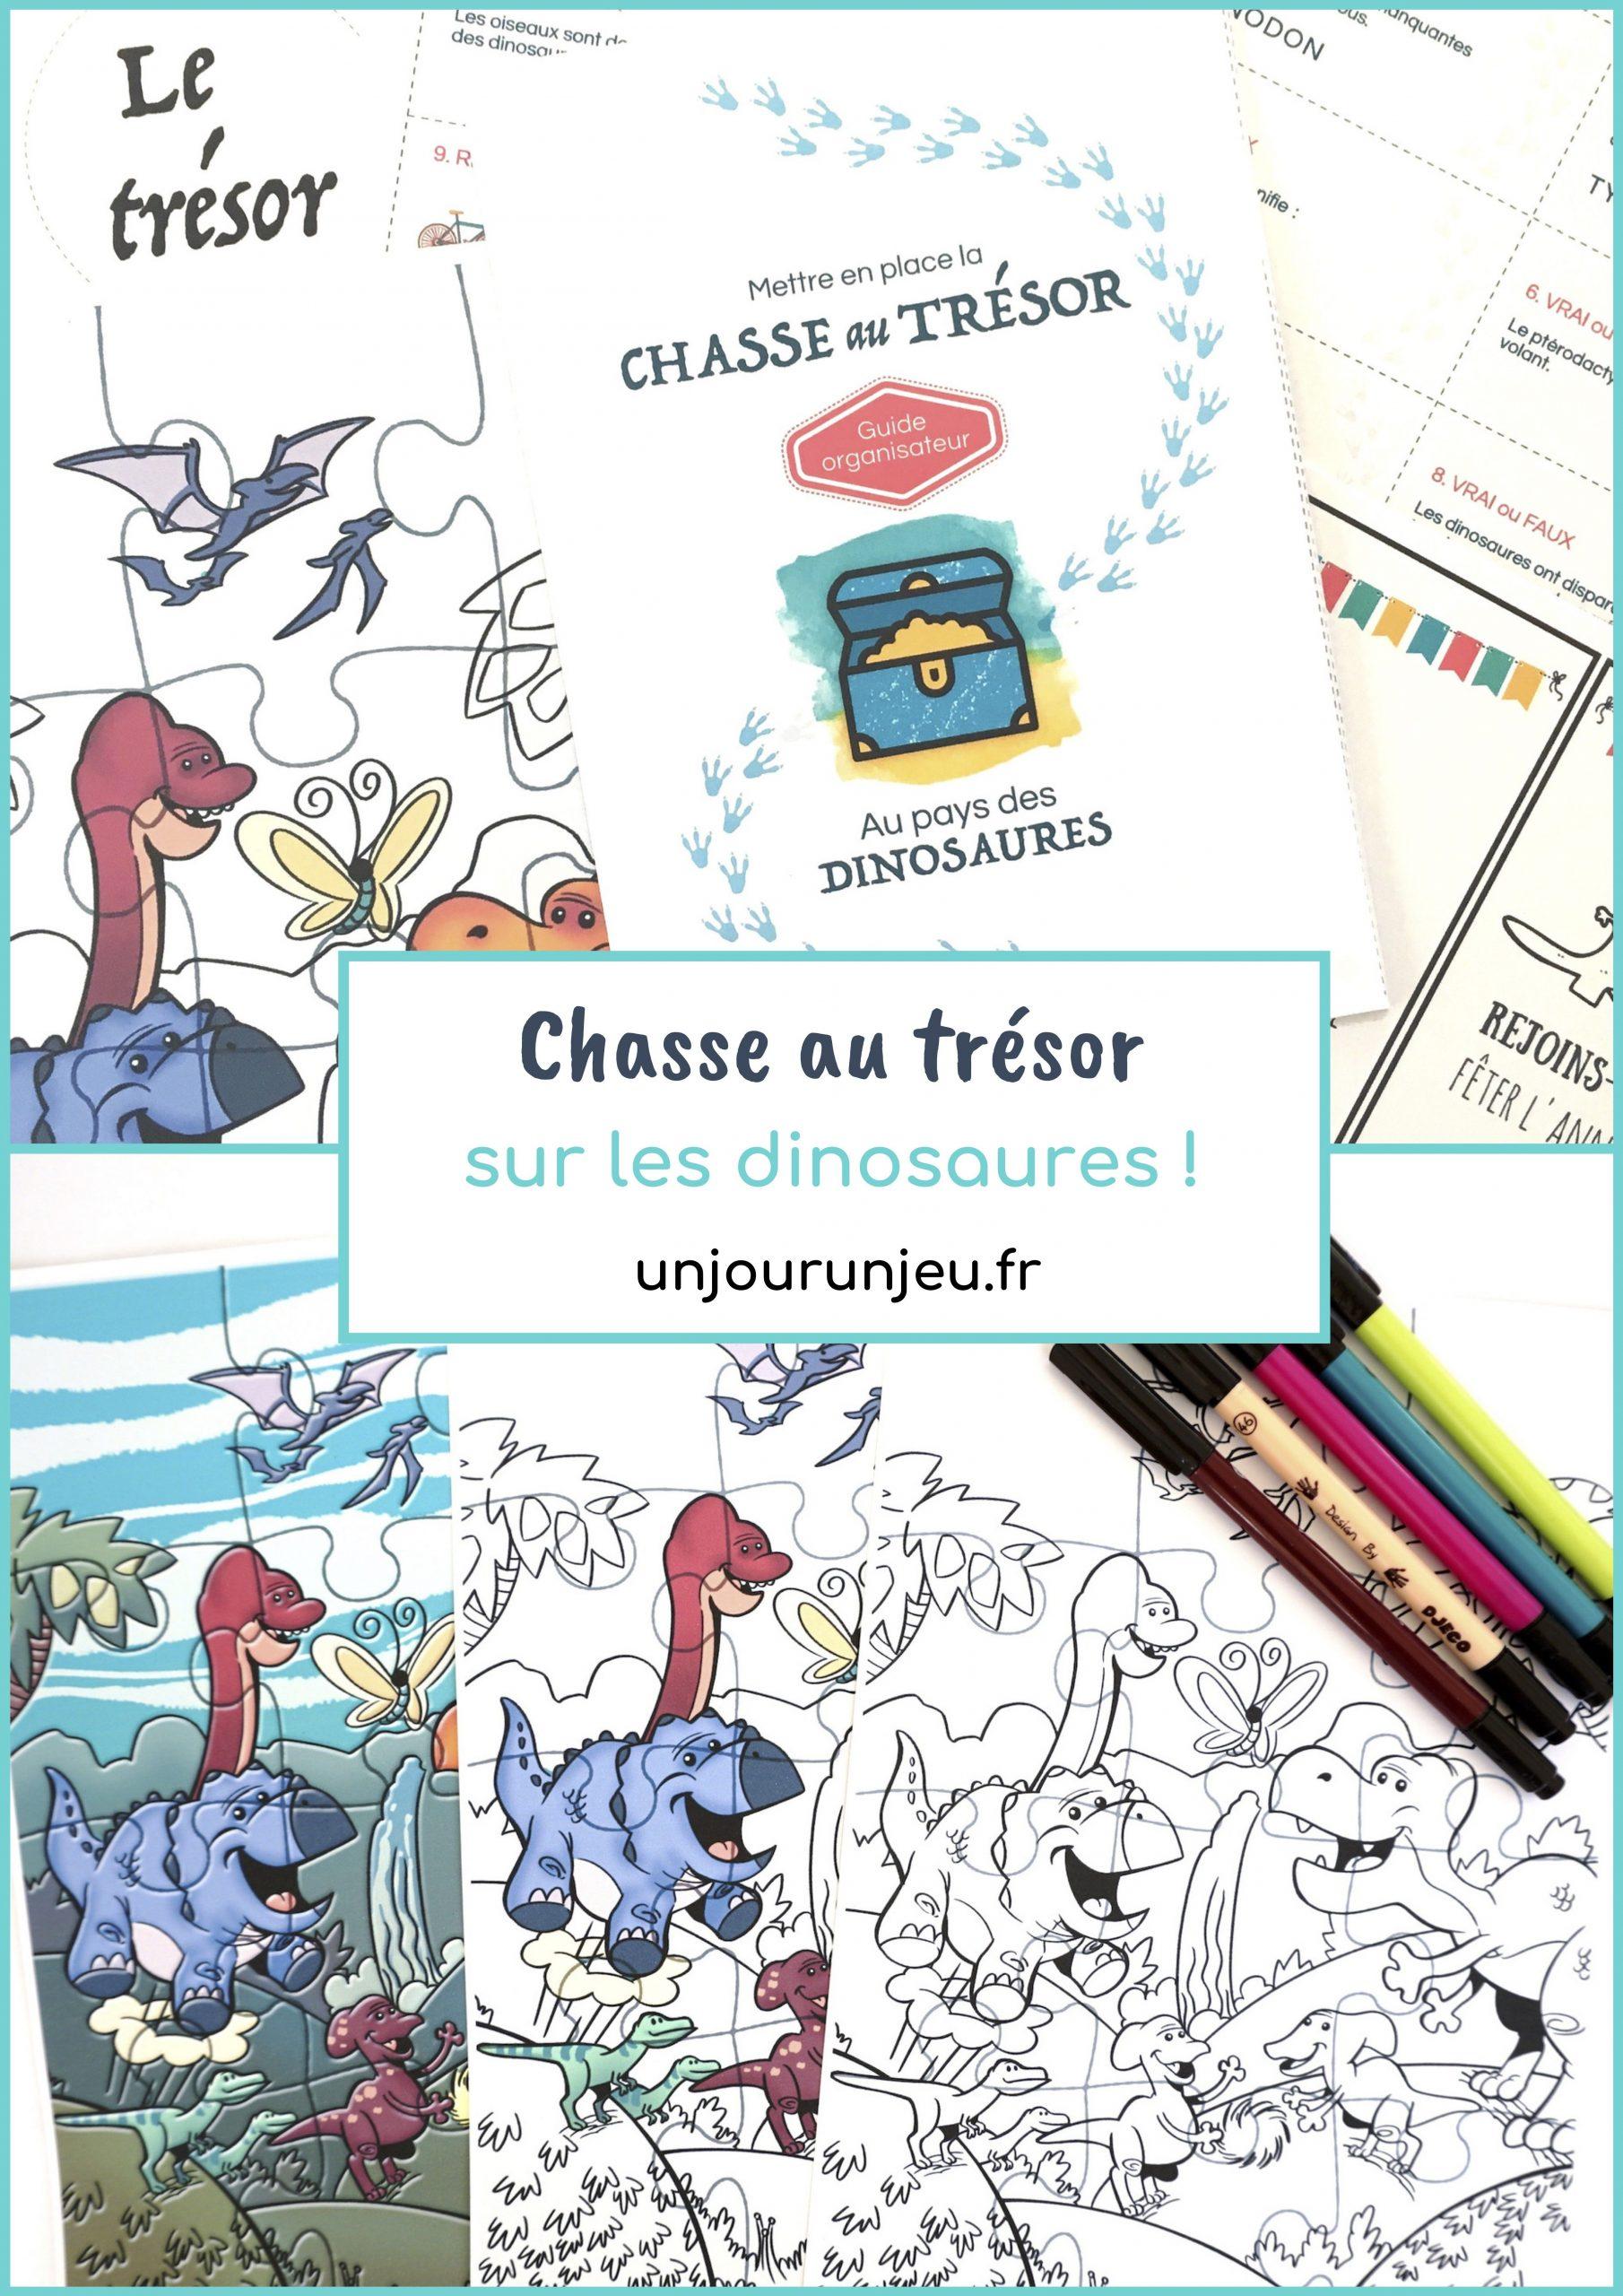 Chasse Au Trésor À Imprimer Immédiatement Sur Les Dinosaures avec Jeux Gratuit Garçon 6 Ans